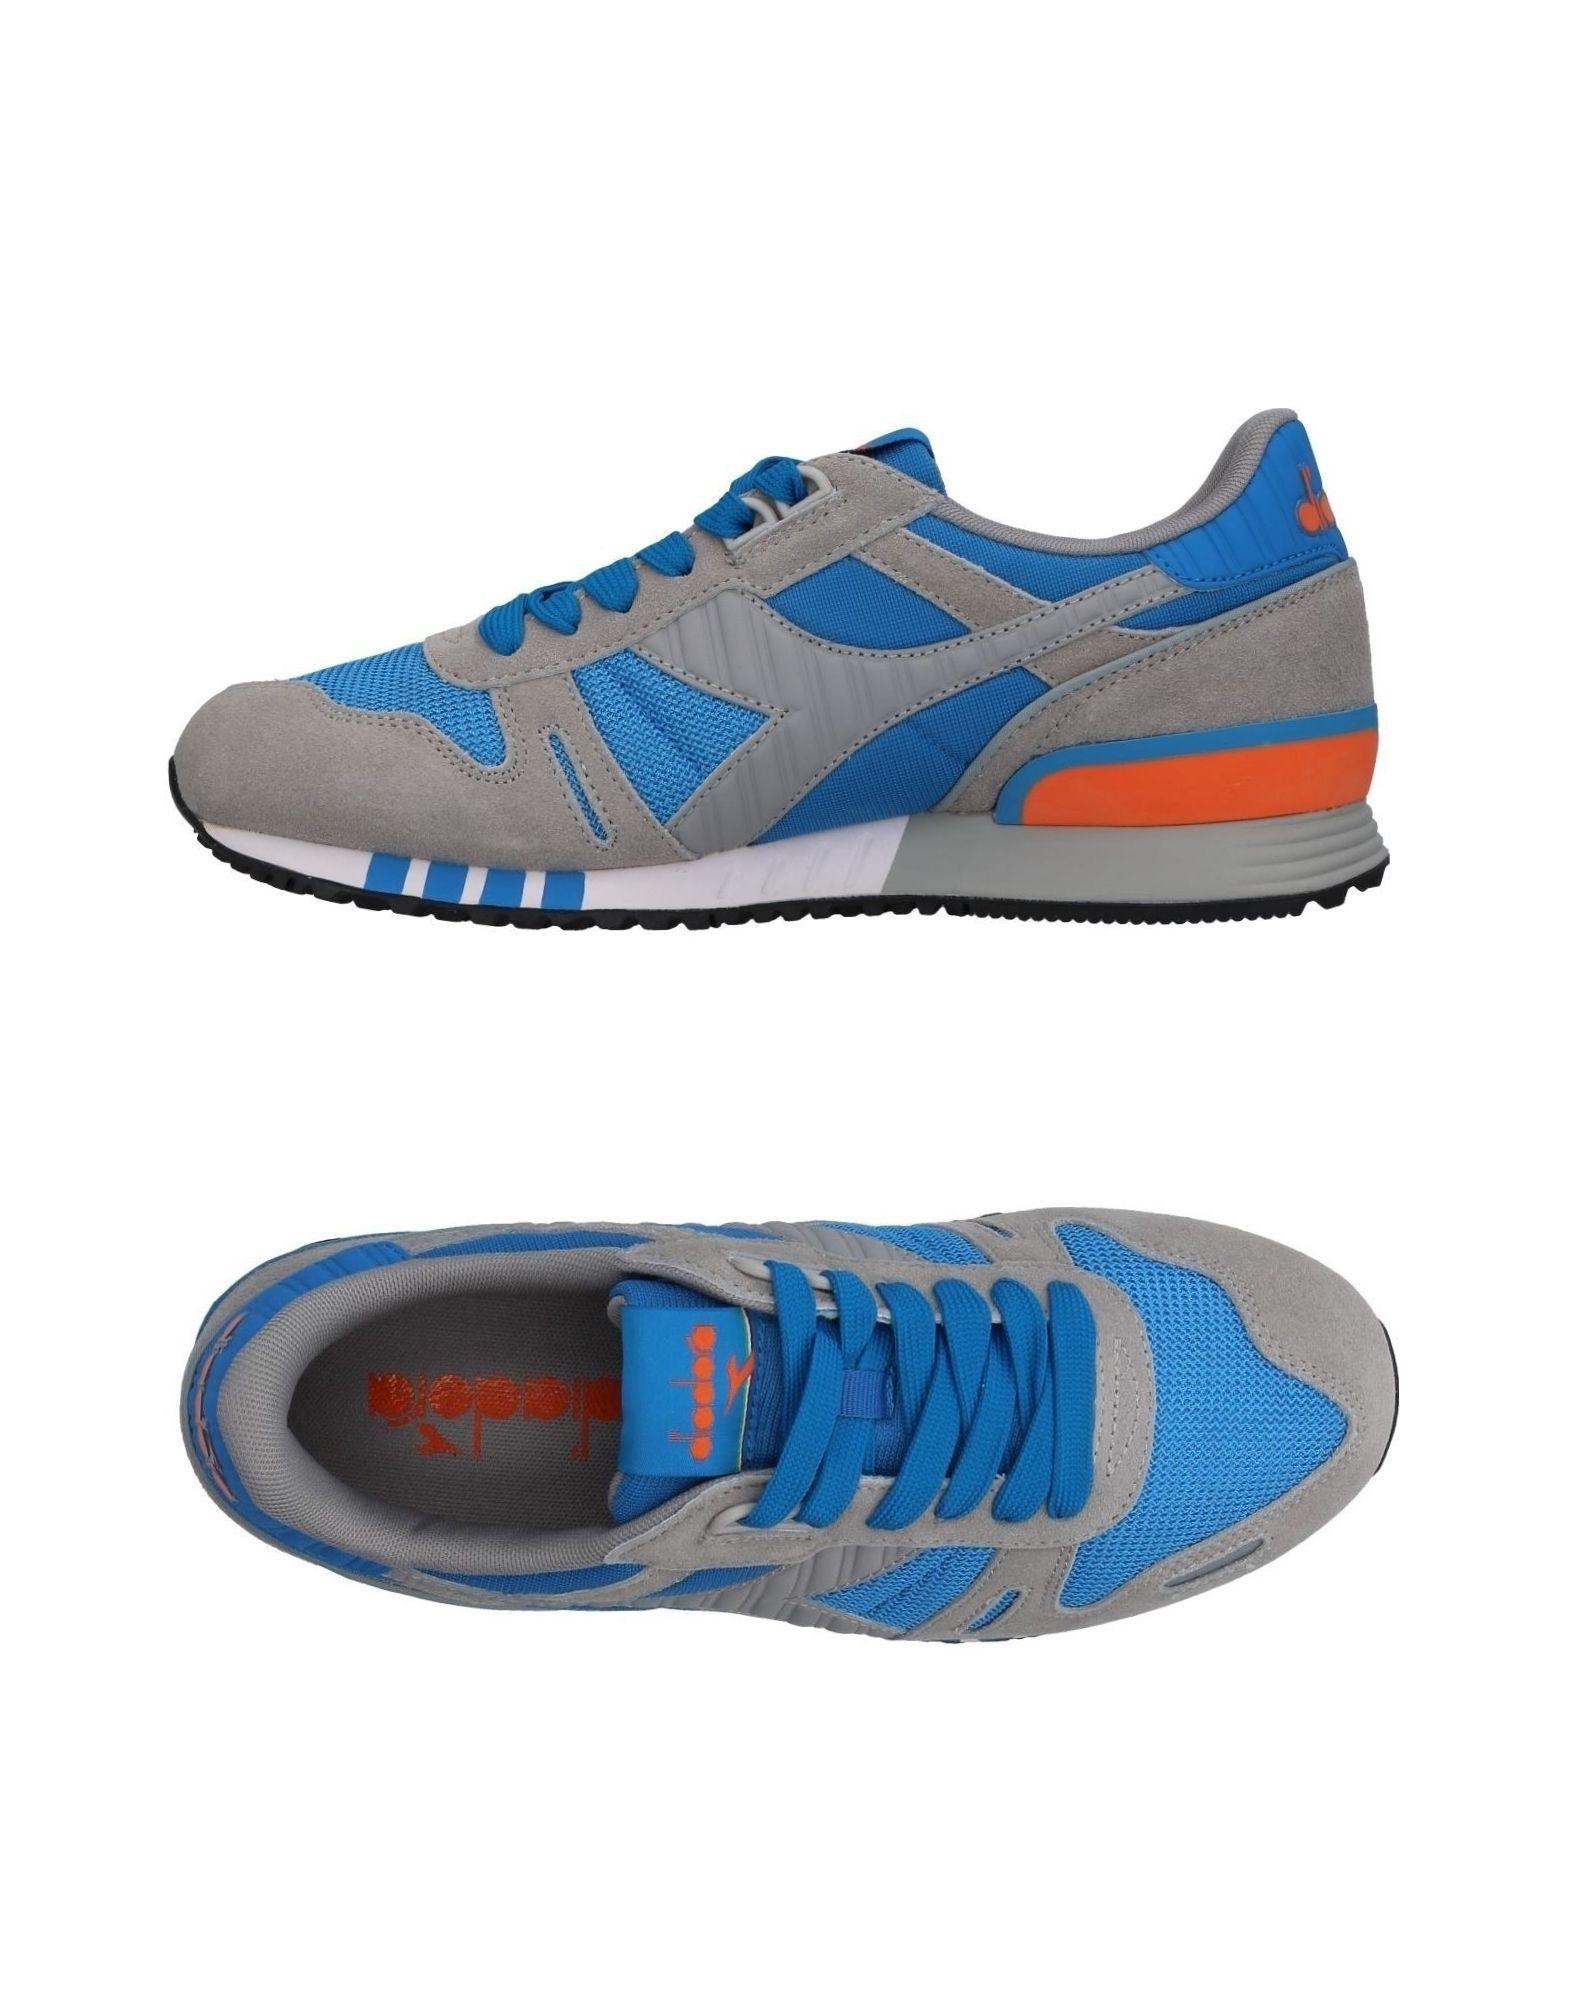 397d7ff541d Diadora Titan Ii Running Shoes Tan Mens